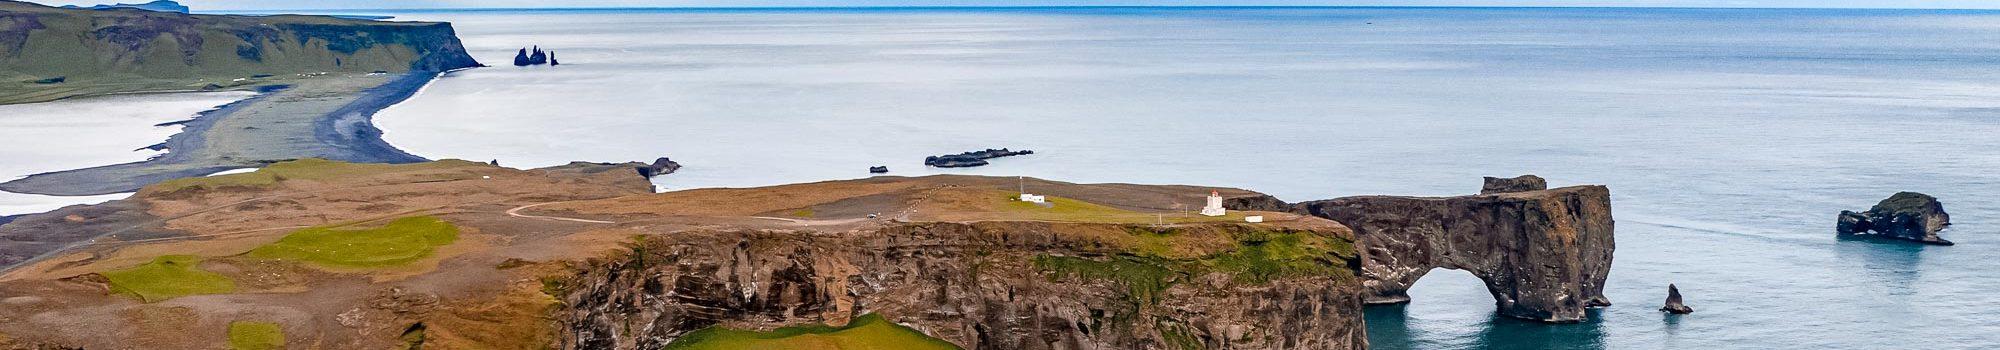 Iceland cape Dyrholaey Sudurland